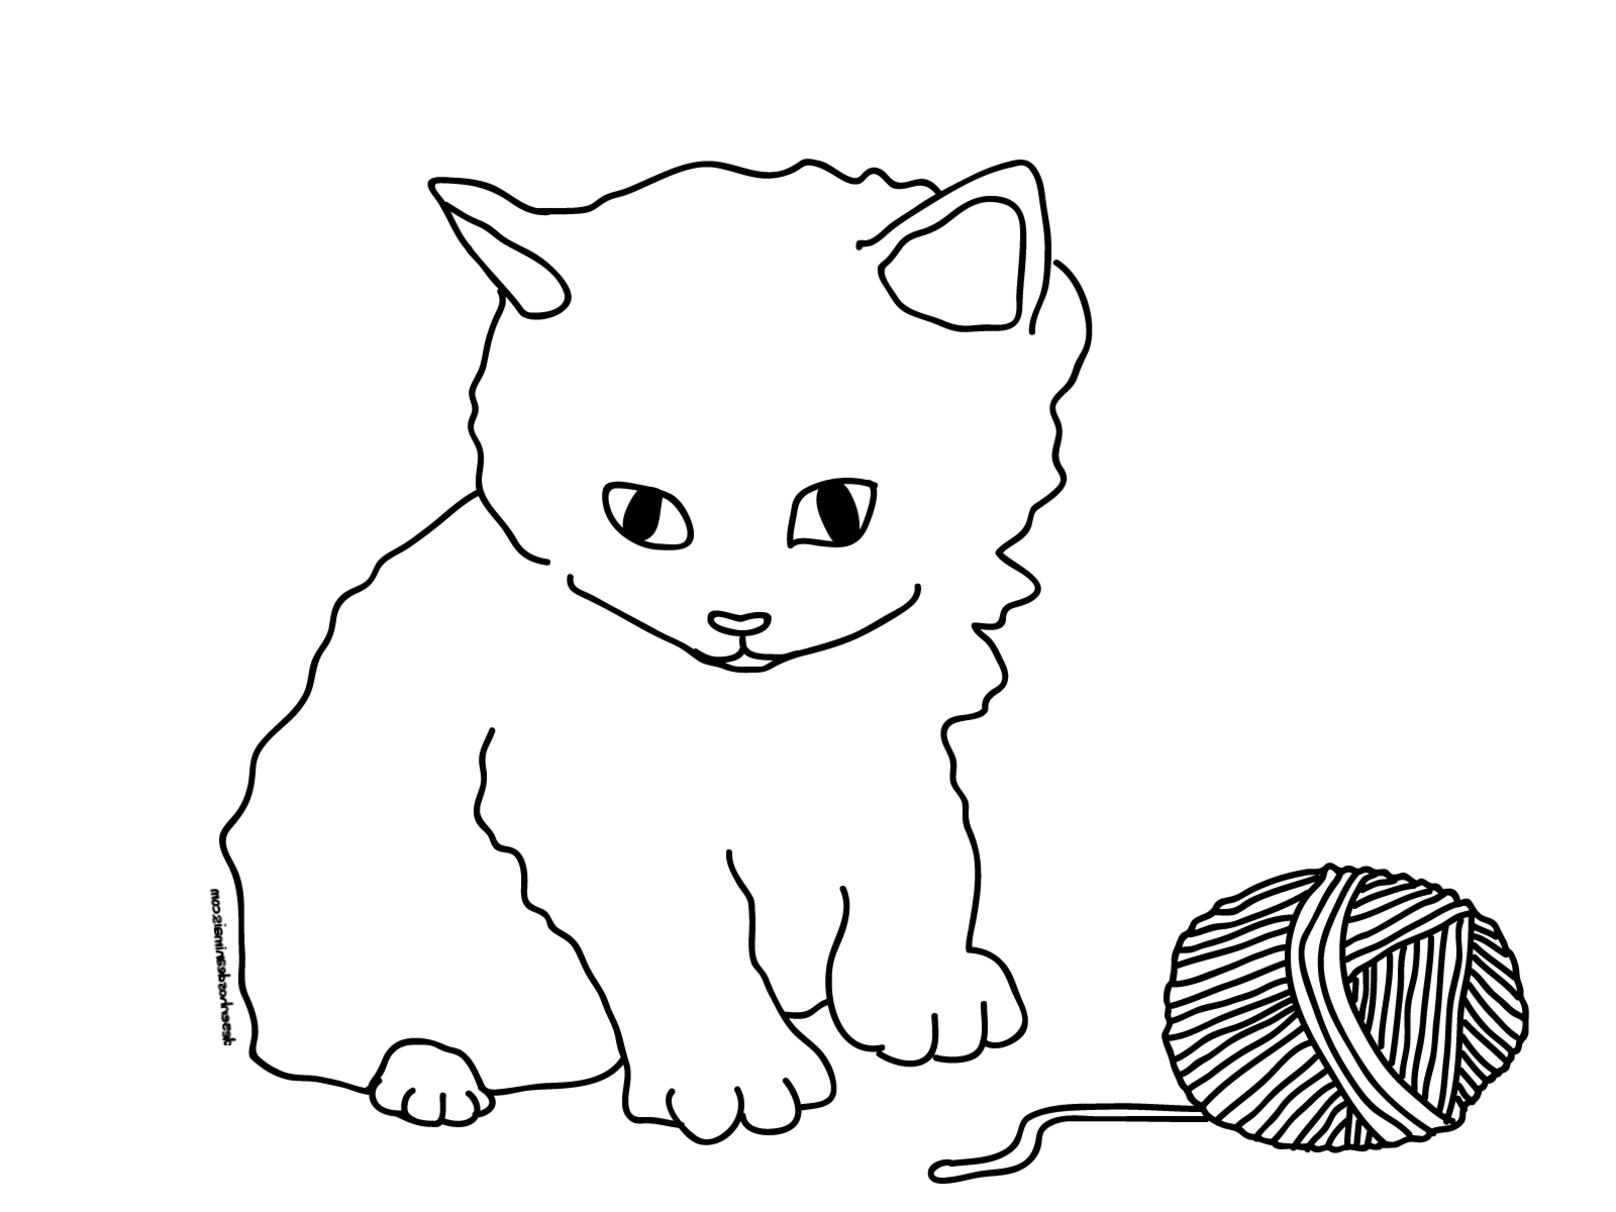 Ausmalbilder Katzen : Ausmalbilder Katzen Zum Ausdrucken 125 Malvorlage Katzen